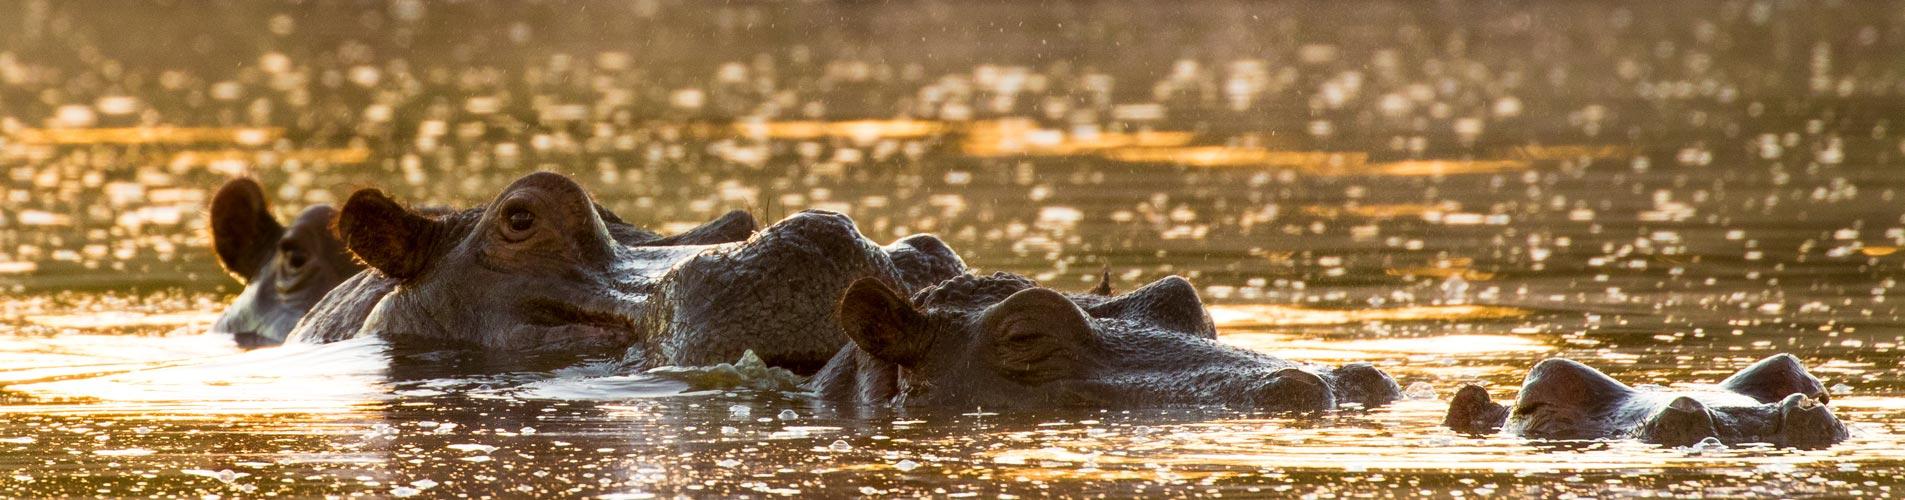 Photographic Safaris Hippos